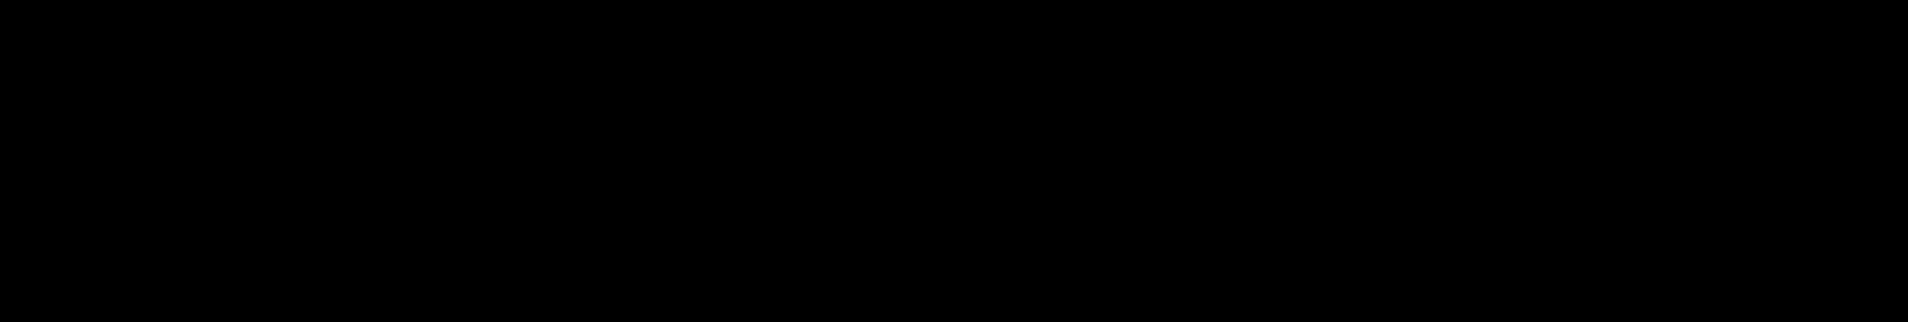 Vaporware Design